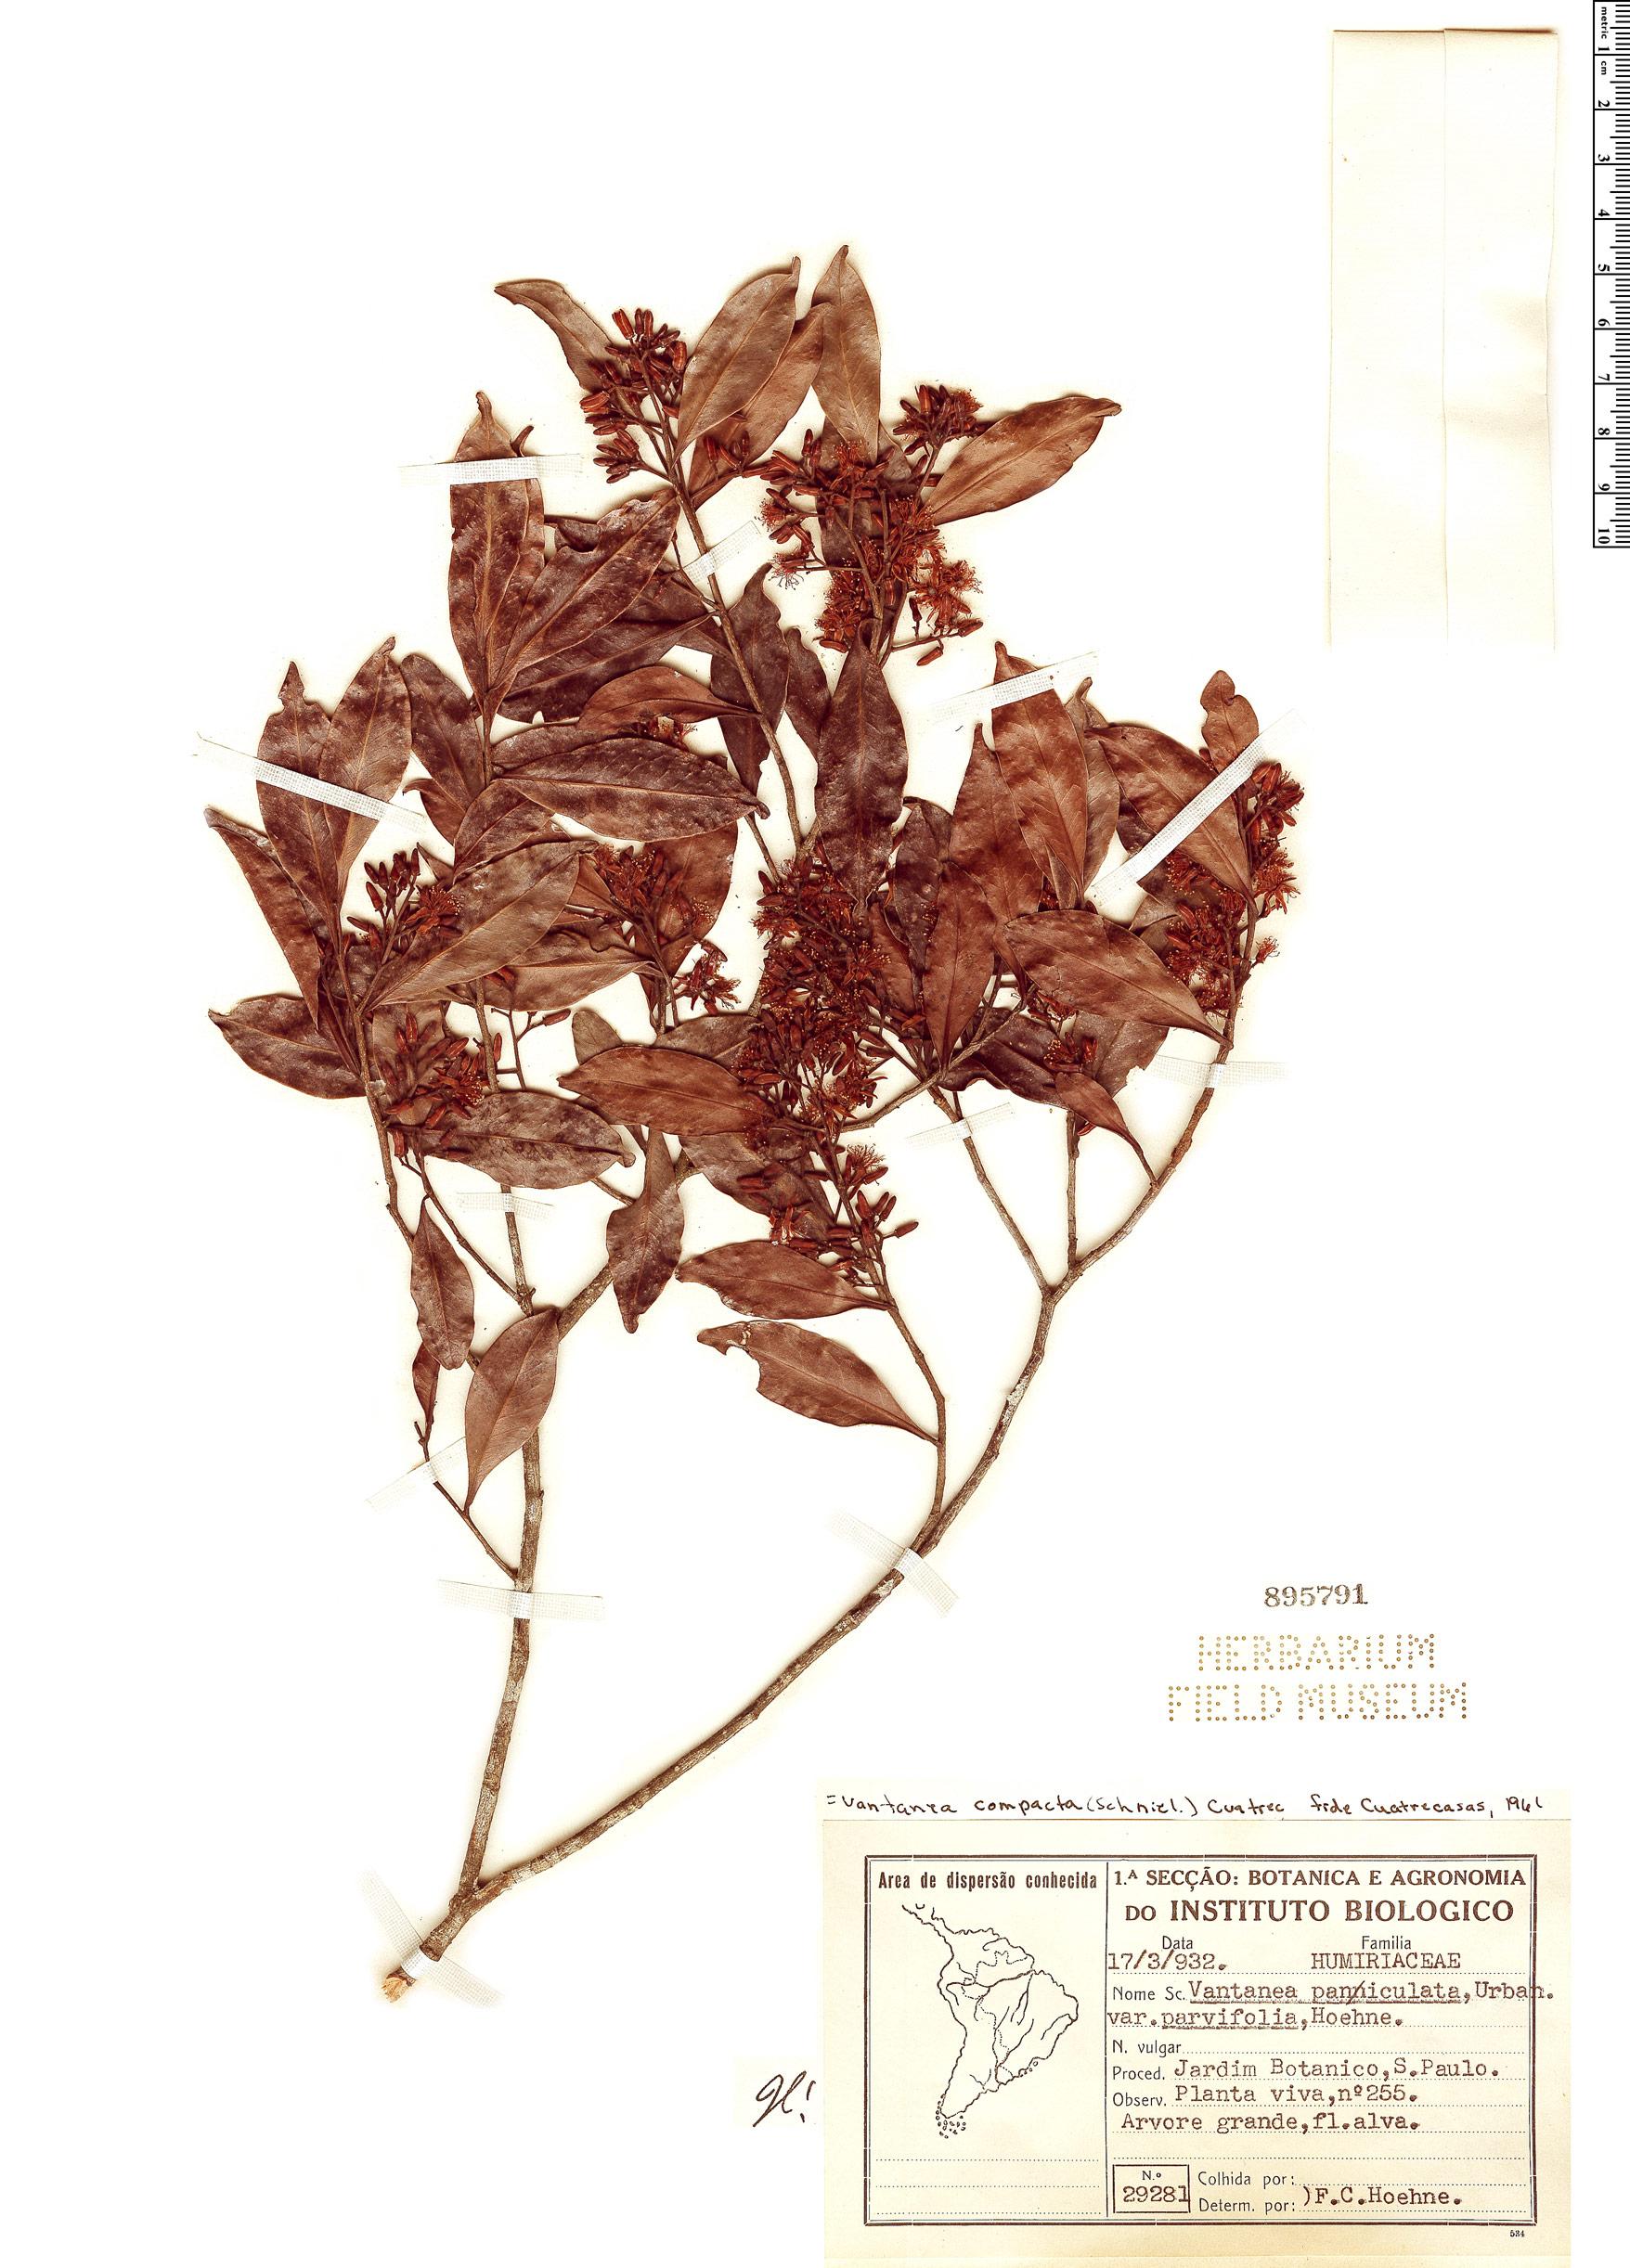 Specimen: Vantanea compacta